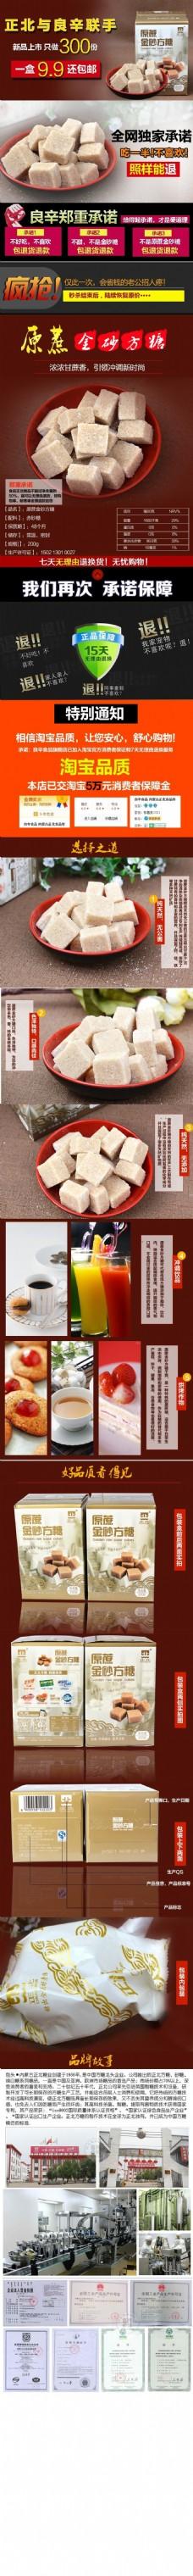 豆腐食品描述页详情页模板